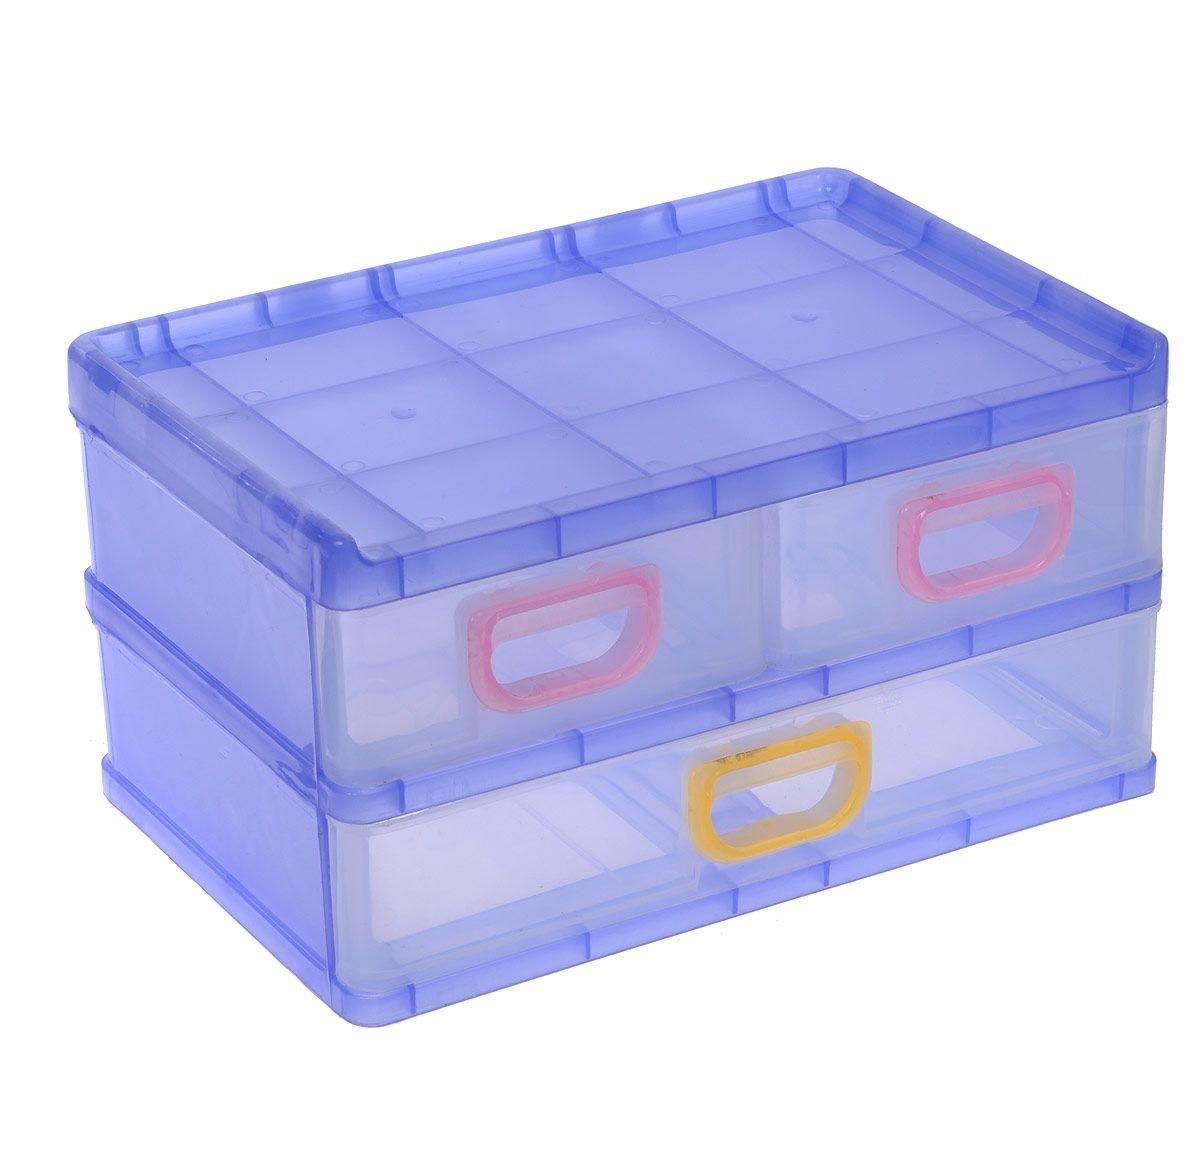 Контейнер для мелочей, цвет: сиреневый, 26 х 17 х 13,5 см 531696531696Контейнер для мелочей изготовлен из пластика синего цвета. Изделие содержит три выдвижных ящичка, где можно хранить швейные принадлежности, рыболовные снасти, мелкие детали и другие бытовые мелочи. Ящички прозрачные, что позволяет видеть их содержимое. Такой контейнер поможет держать вещи в порядке.